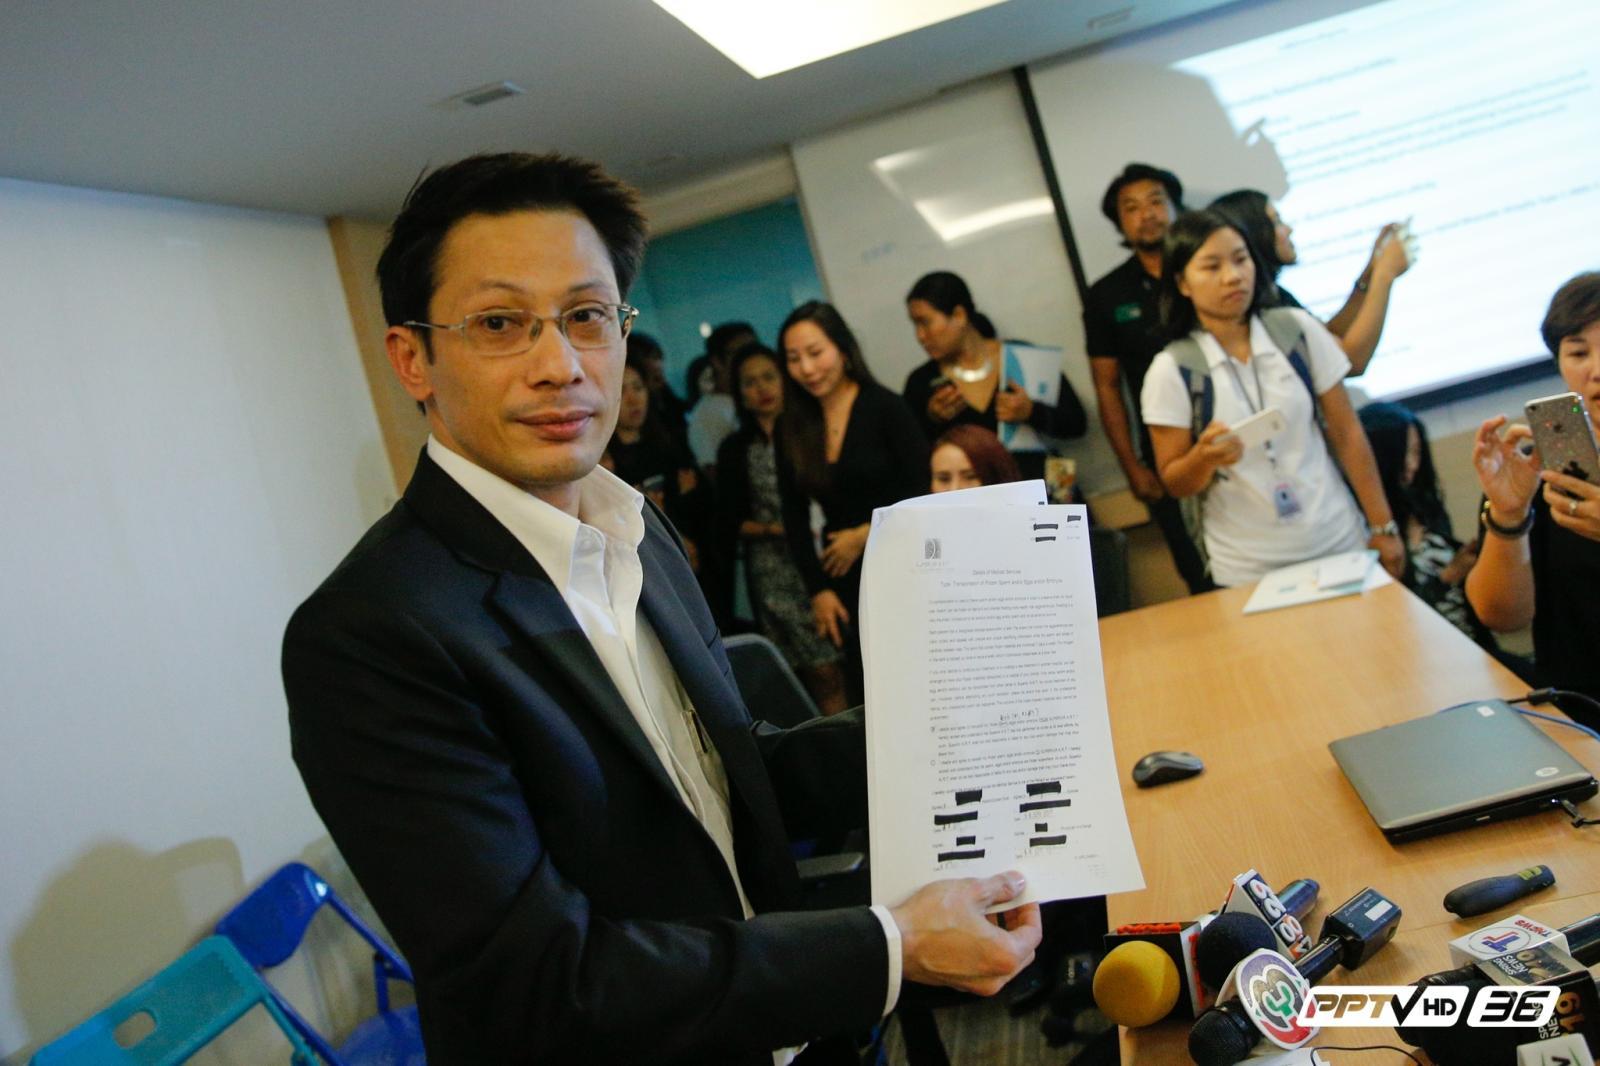 """ถอดสมการข่าว EP.30  """"ขนย้ายอสุจิข้ามชาติ"""" เสี่ยง """"อุ้มบุญ"""" ผ่านเทคโนโลยีเจริญพันธุ์ฝั่งไทย"""